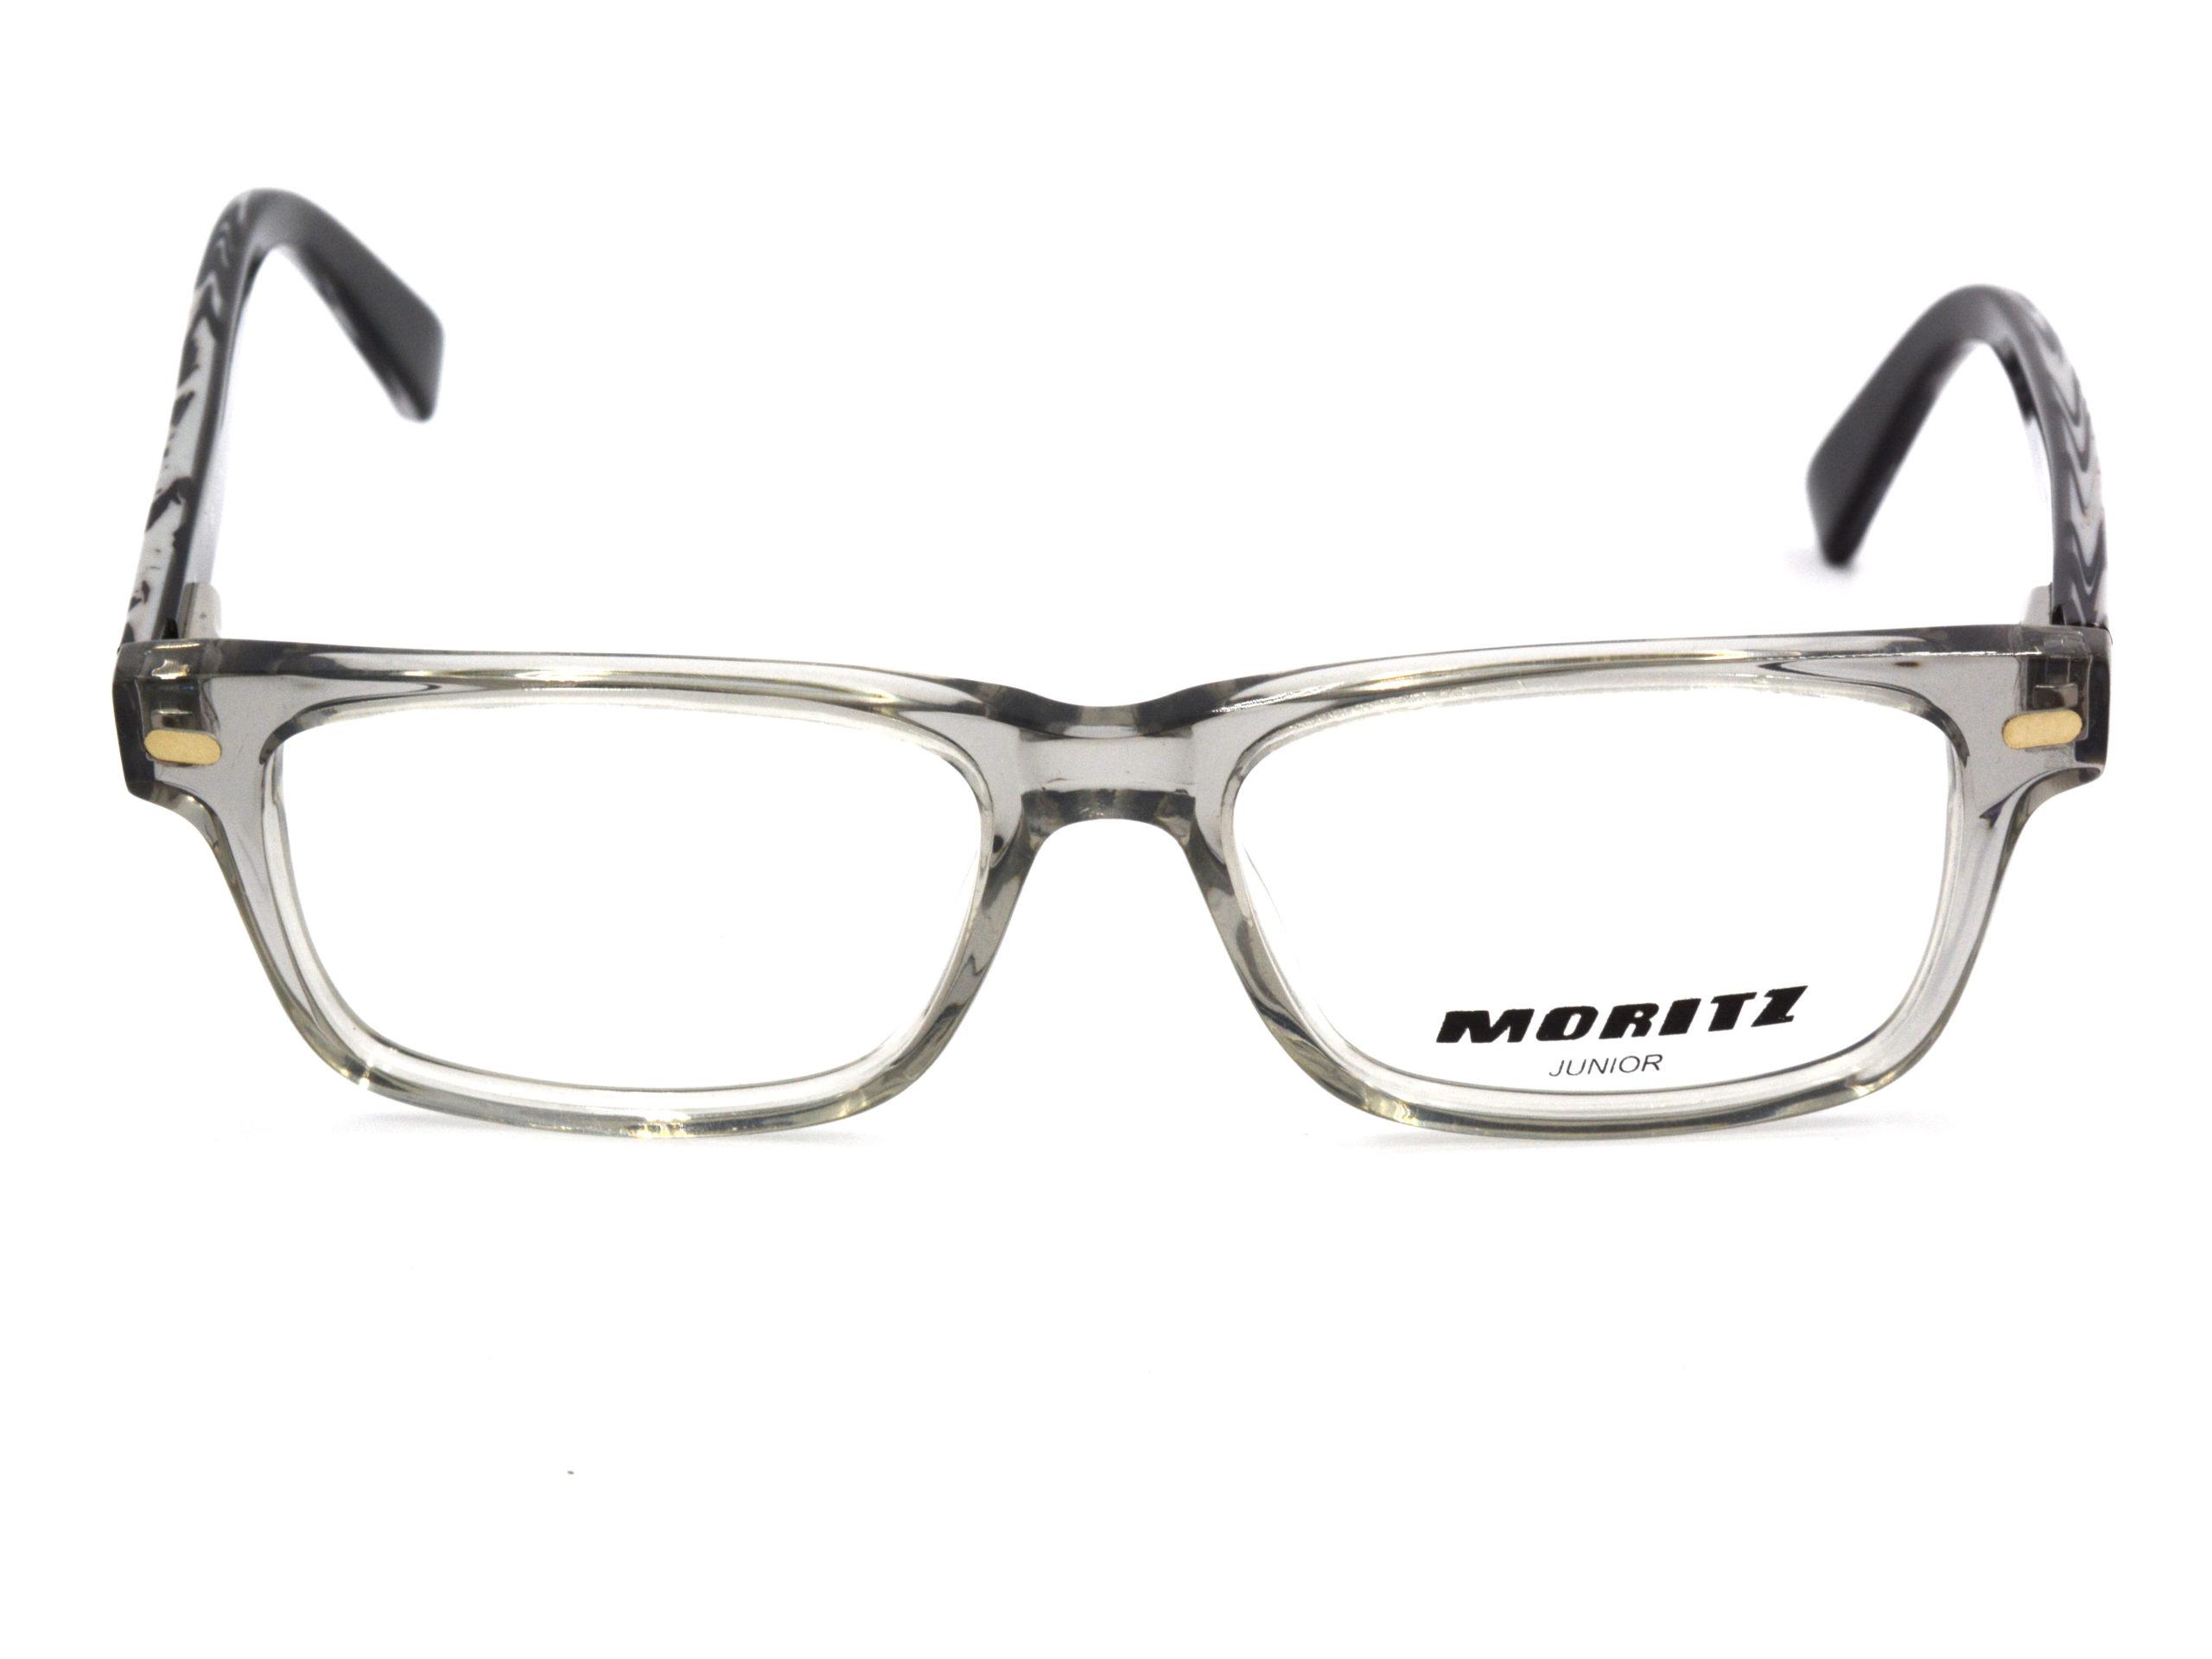 Γυαλιά οράσεως MORITZ BB1135 BK11 47-14-133 Πειραιάς